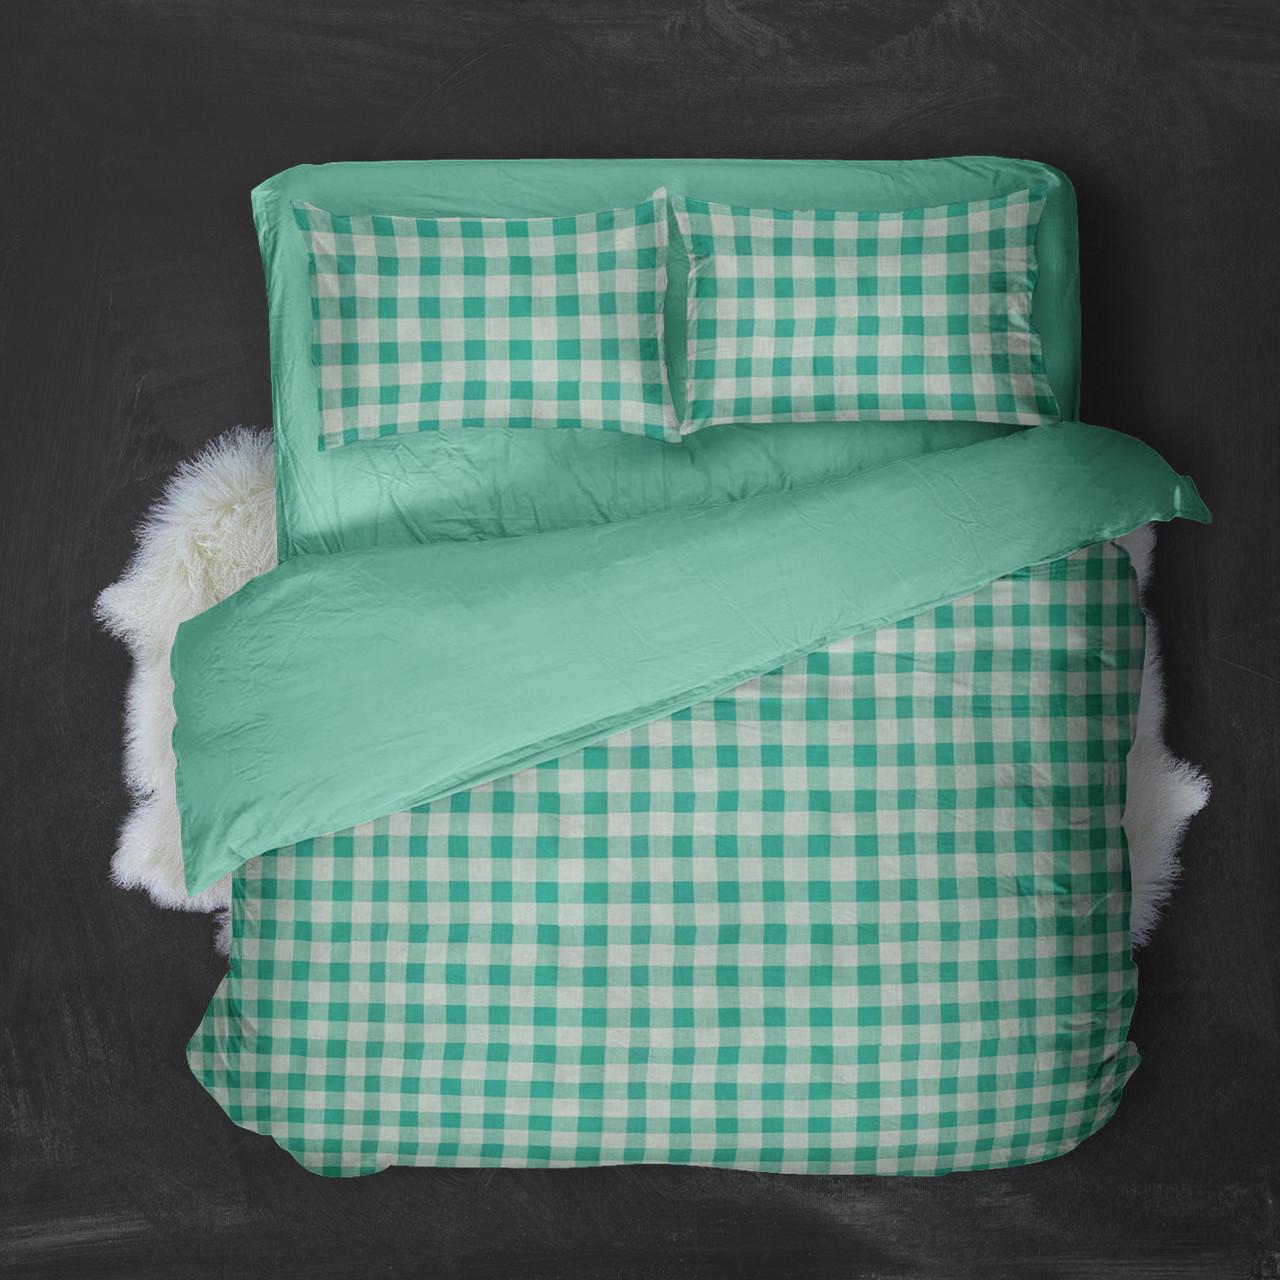 Двуспальный комплект постельного белья с евро простыней из поплина Клеточка Бирюза